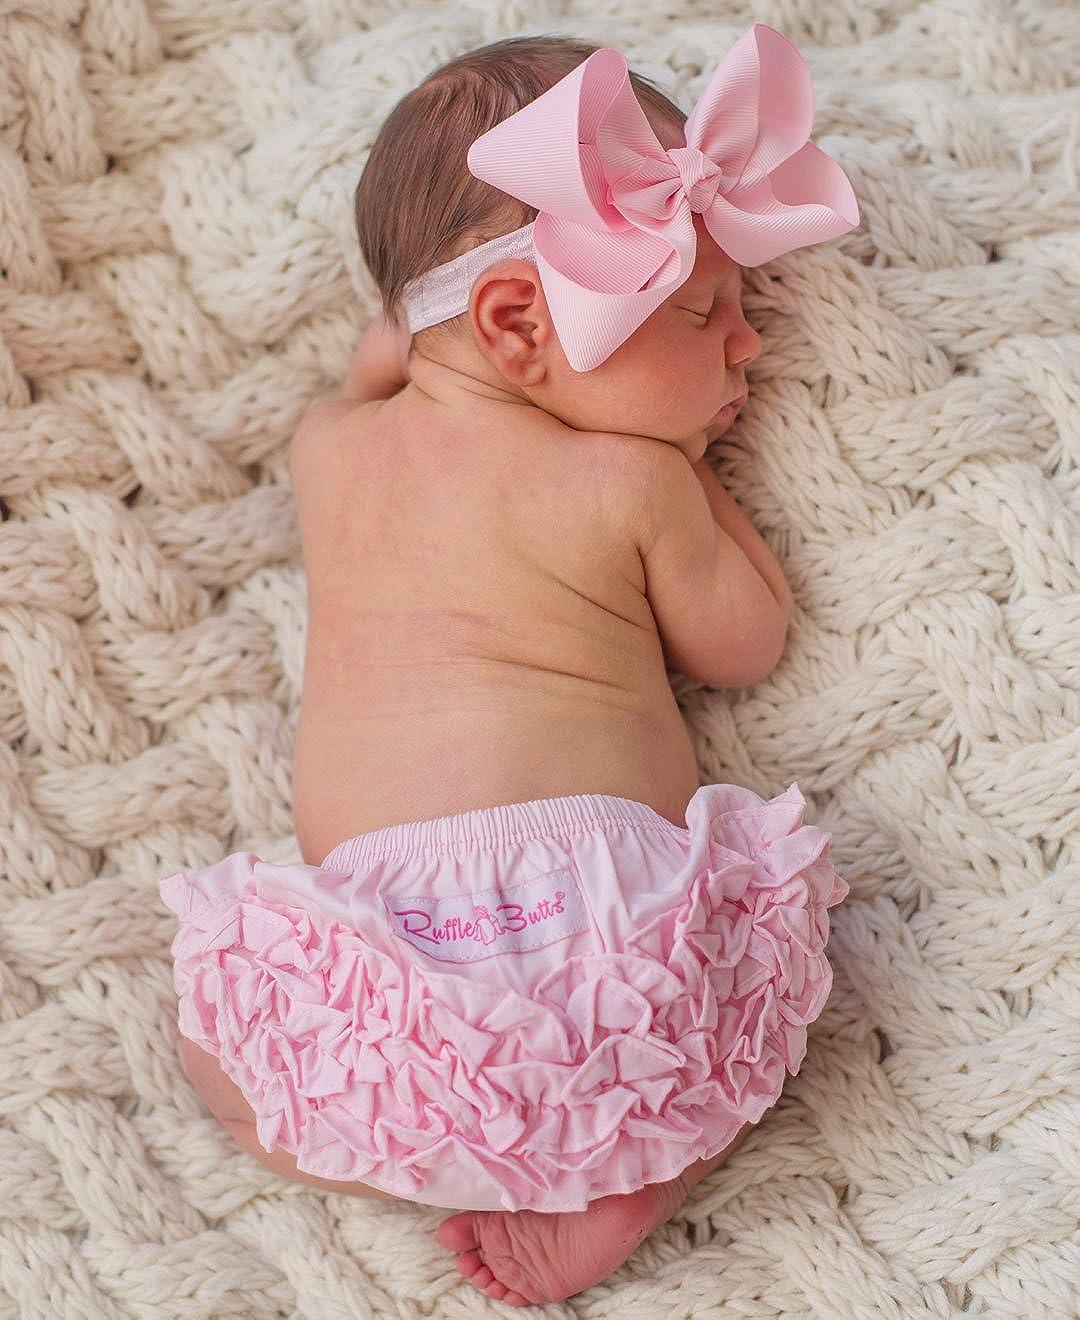 Toddler Girls Ruffled Woven Bloomer RuffleButts Infant